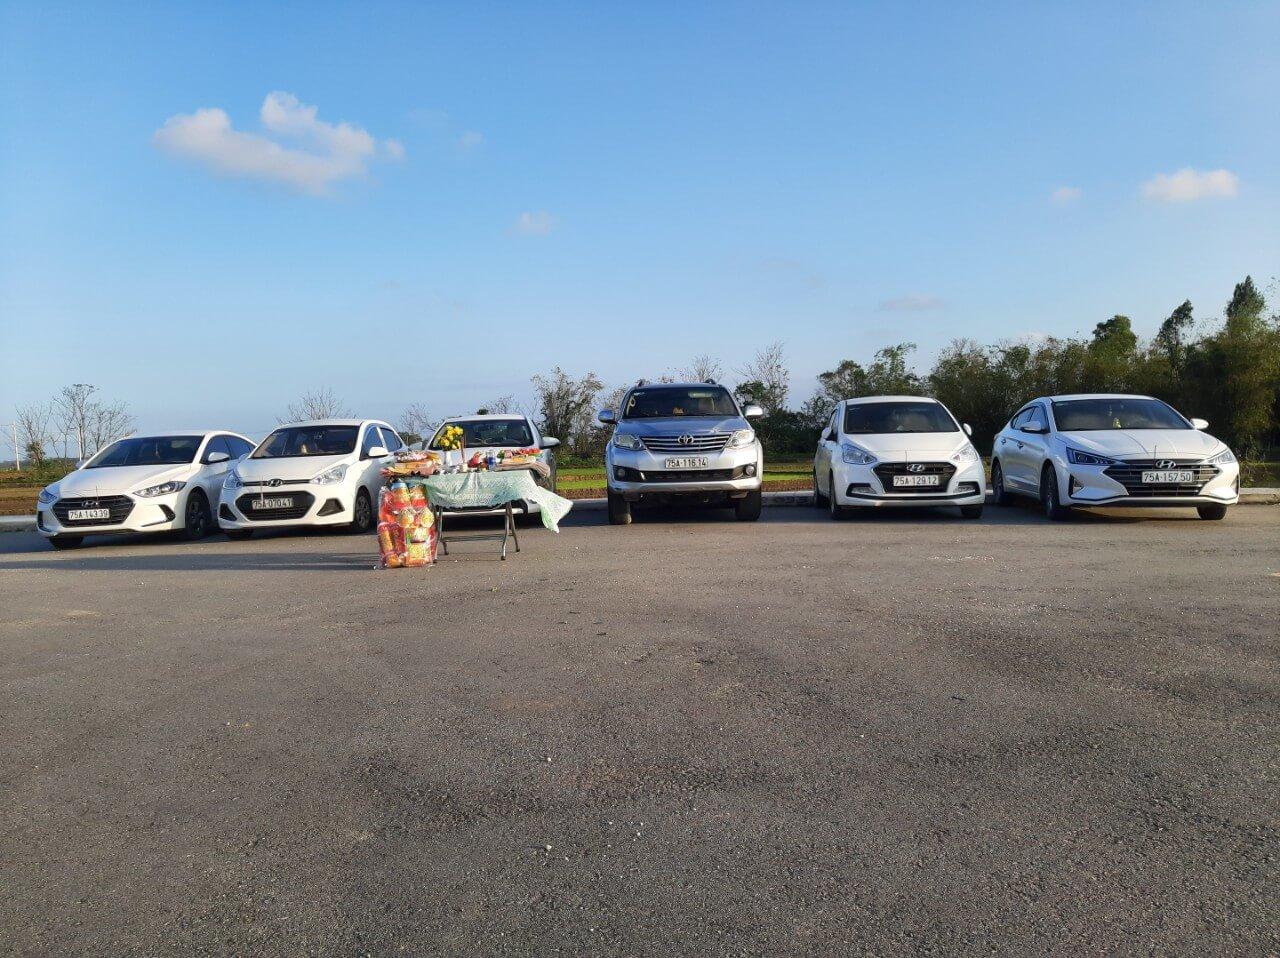 xe đưa đón sân bay Huế, xe đưa đón sân bay Phú Bài, cho thuê xe du lịch ở Huế, thuê xe du lịch ở Huế, thuê xe du lịch huế, thuê xe Huế